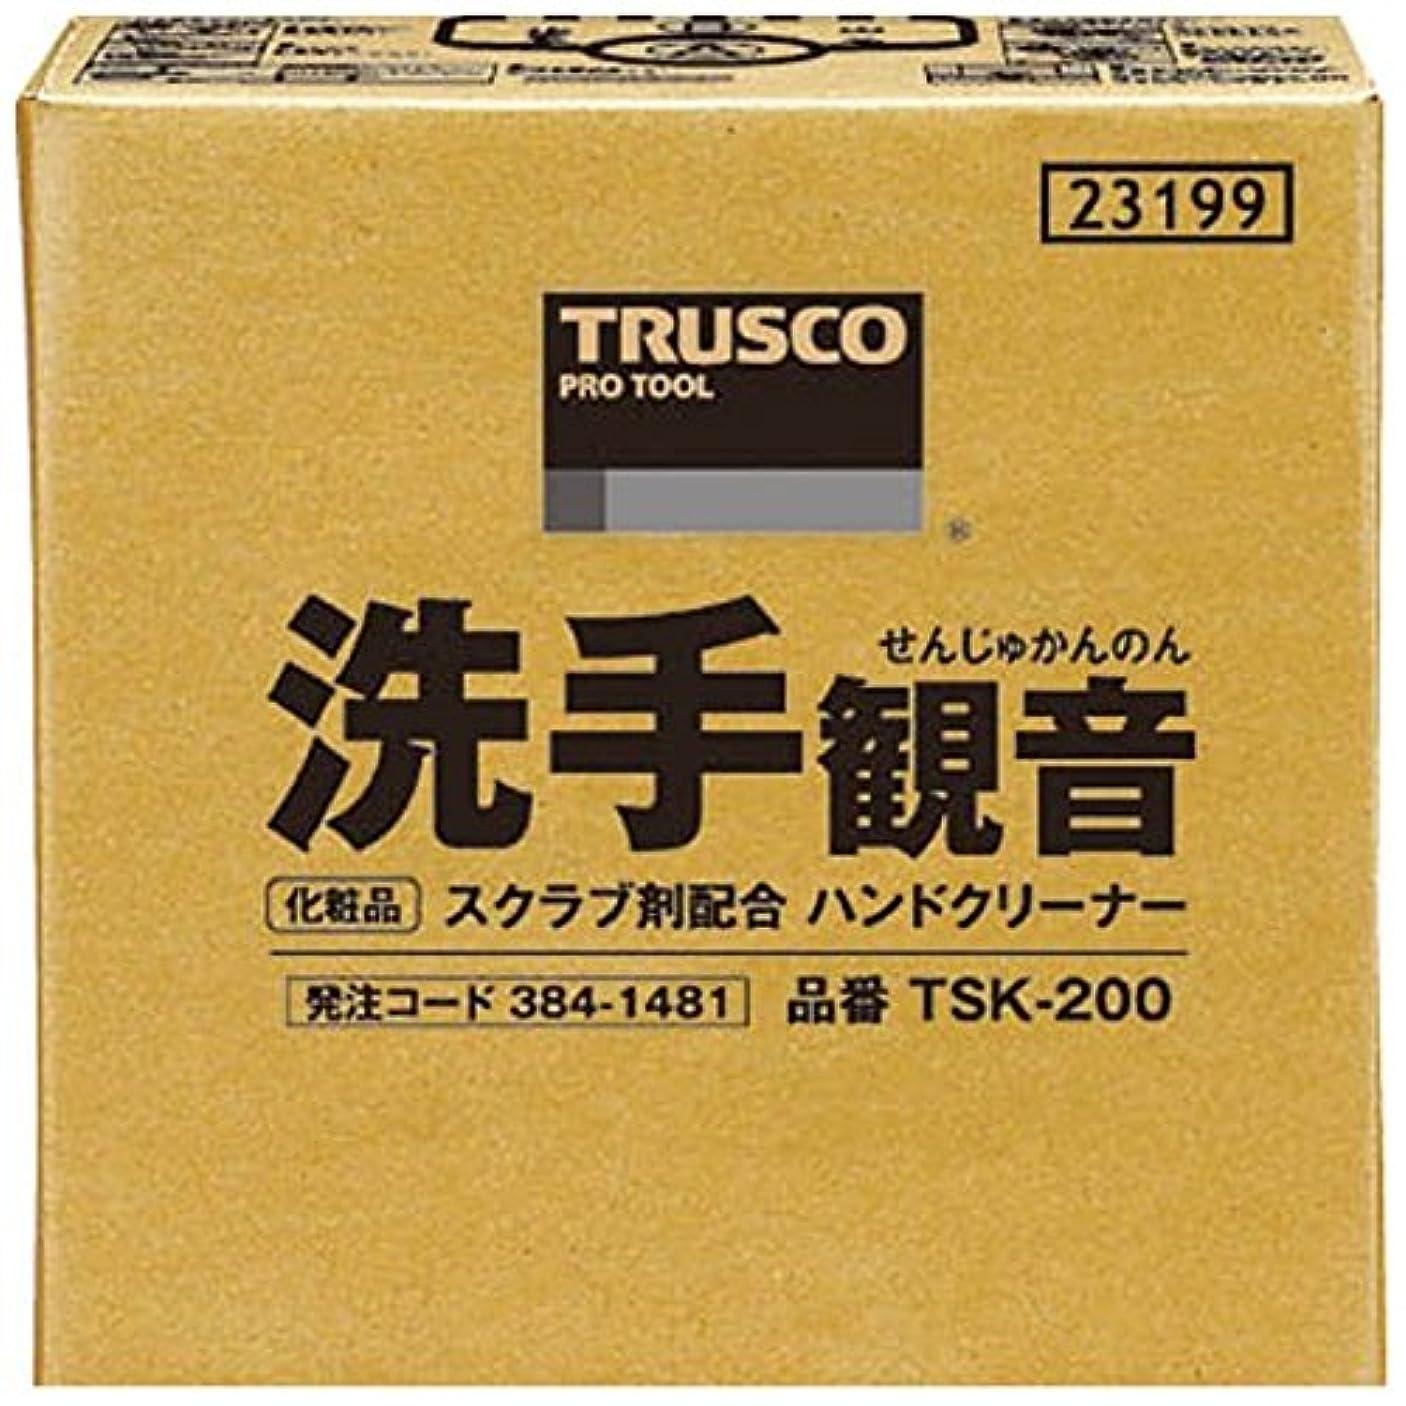 崖クマノミ味方TRUSCO 洗手観音 20kg バックインボックス TSK-200